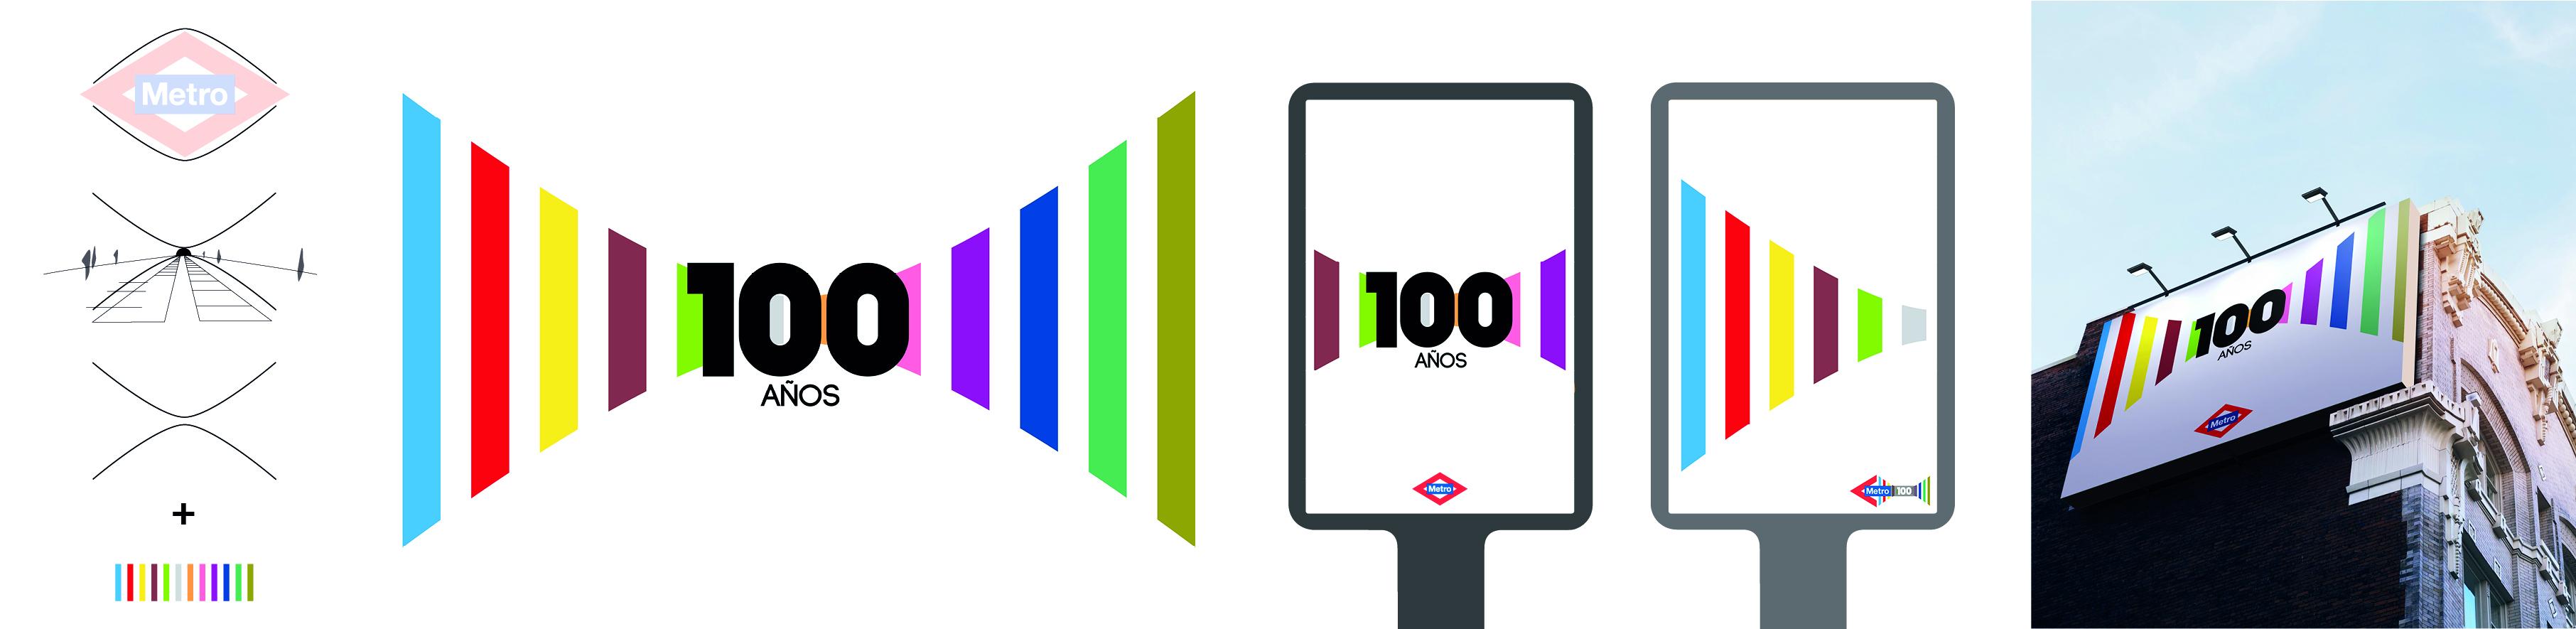 Propuesta para el centenario de Metro de Madrid